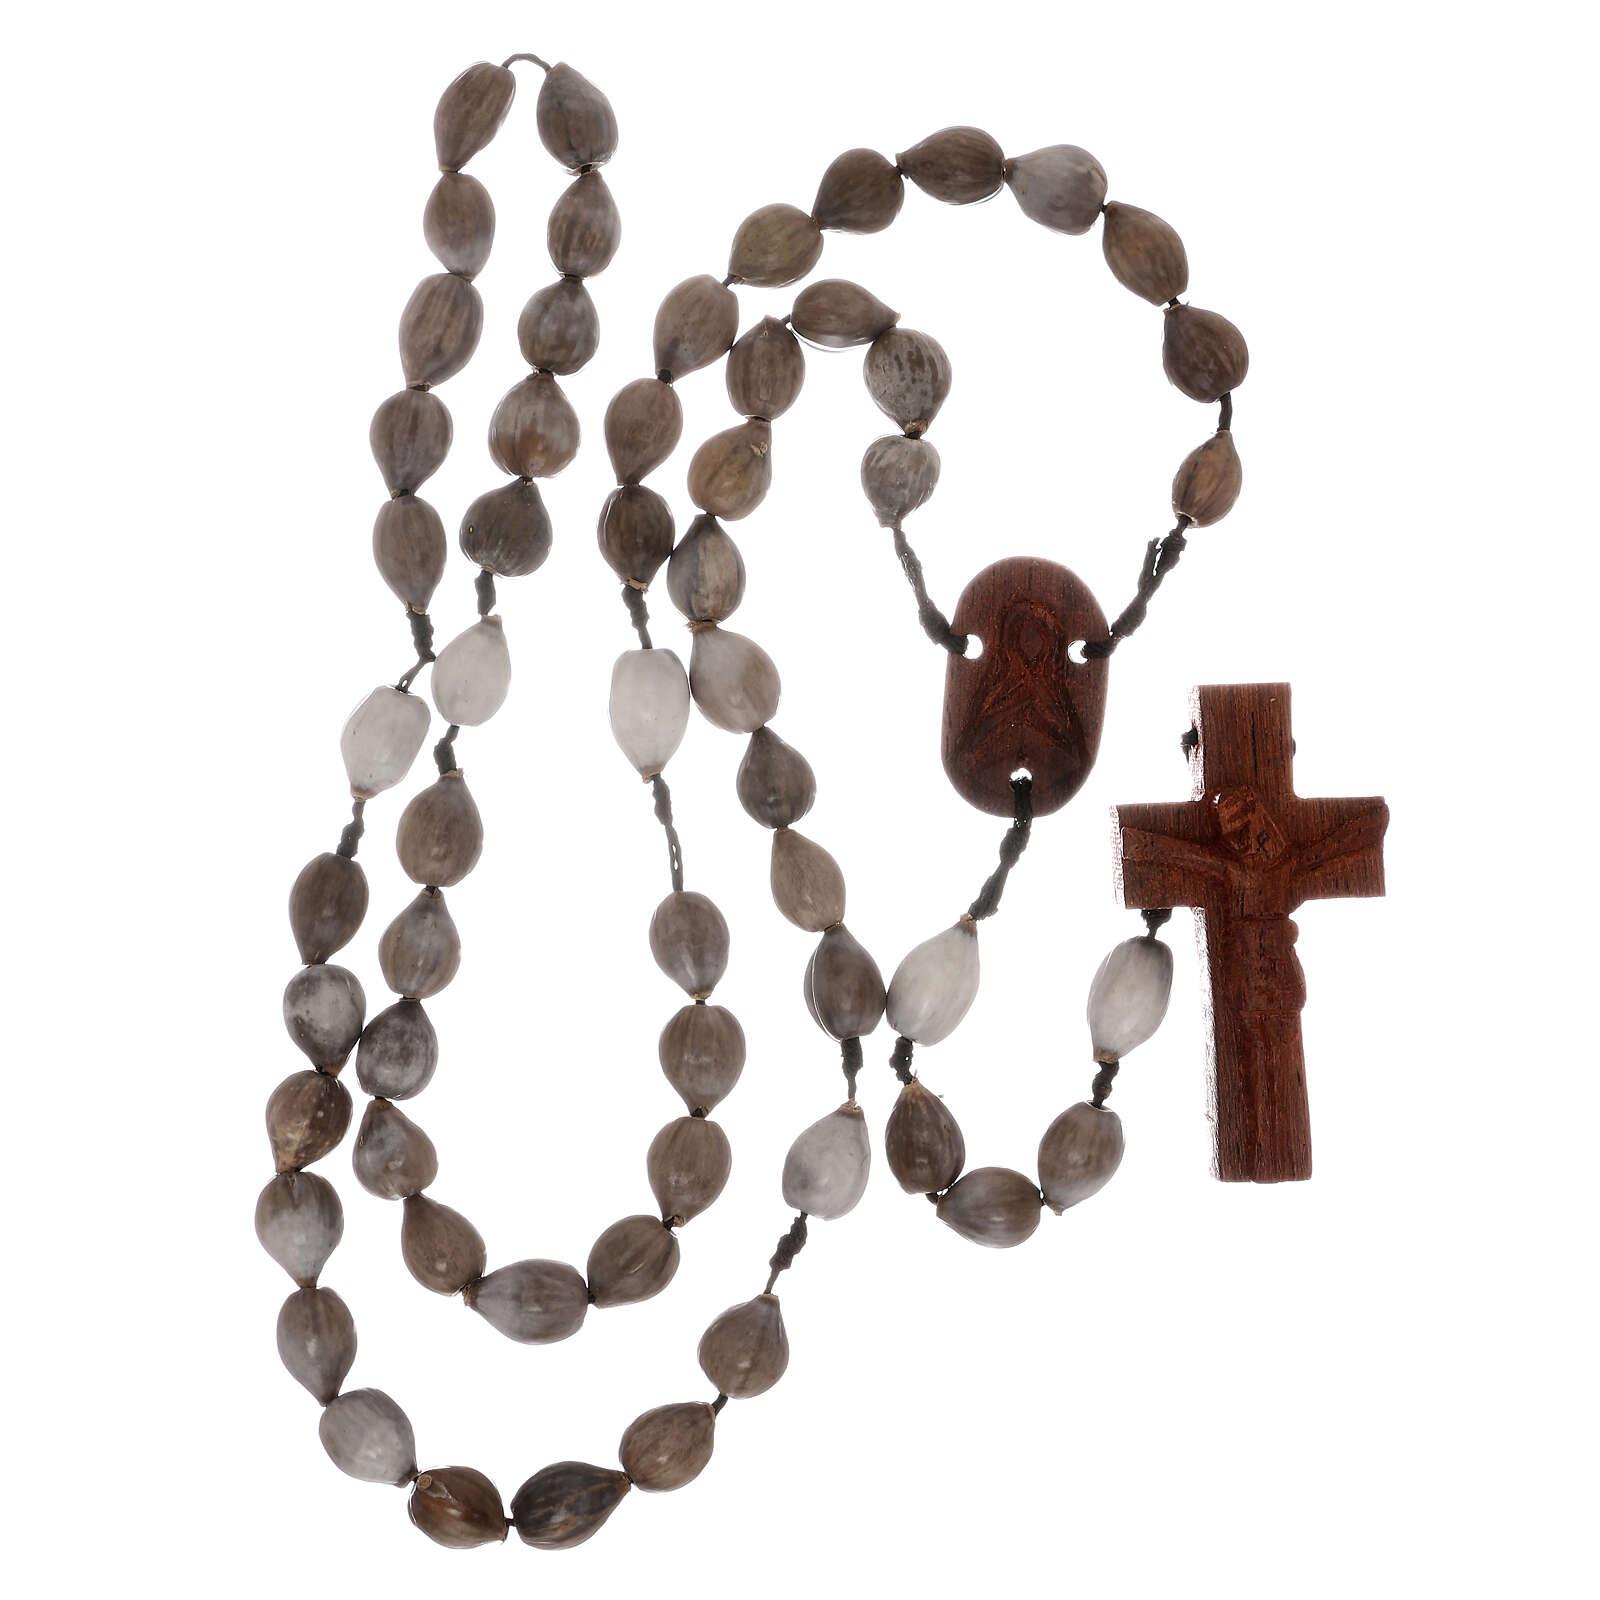 Rosario grani Lacrima di Giobbe croce legno intagliata a mano 4